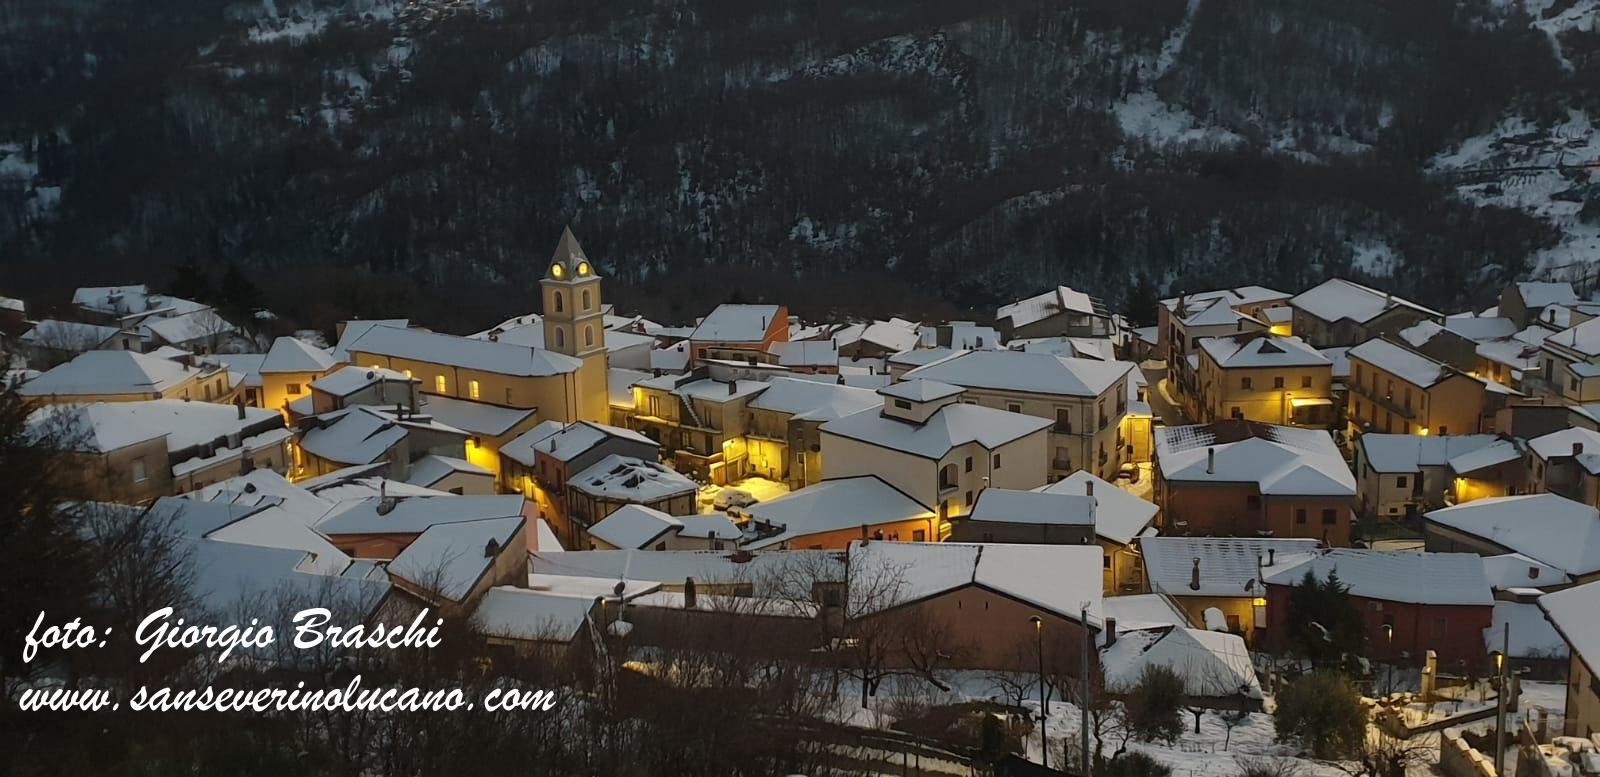 foto san severino Lucano